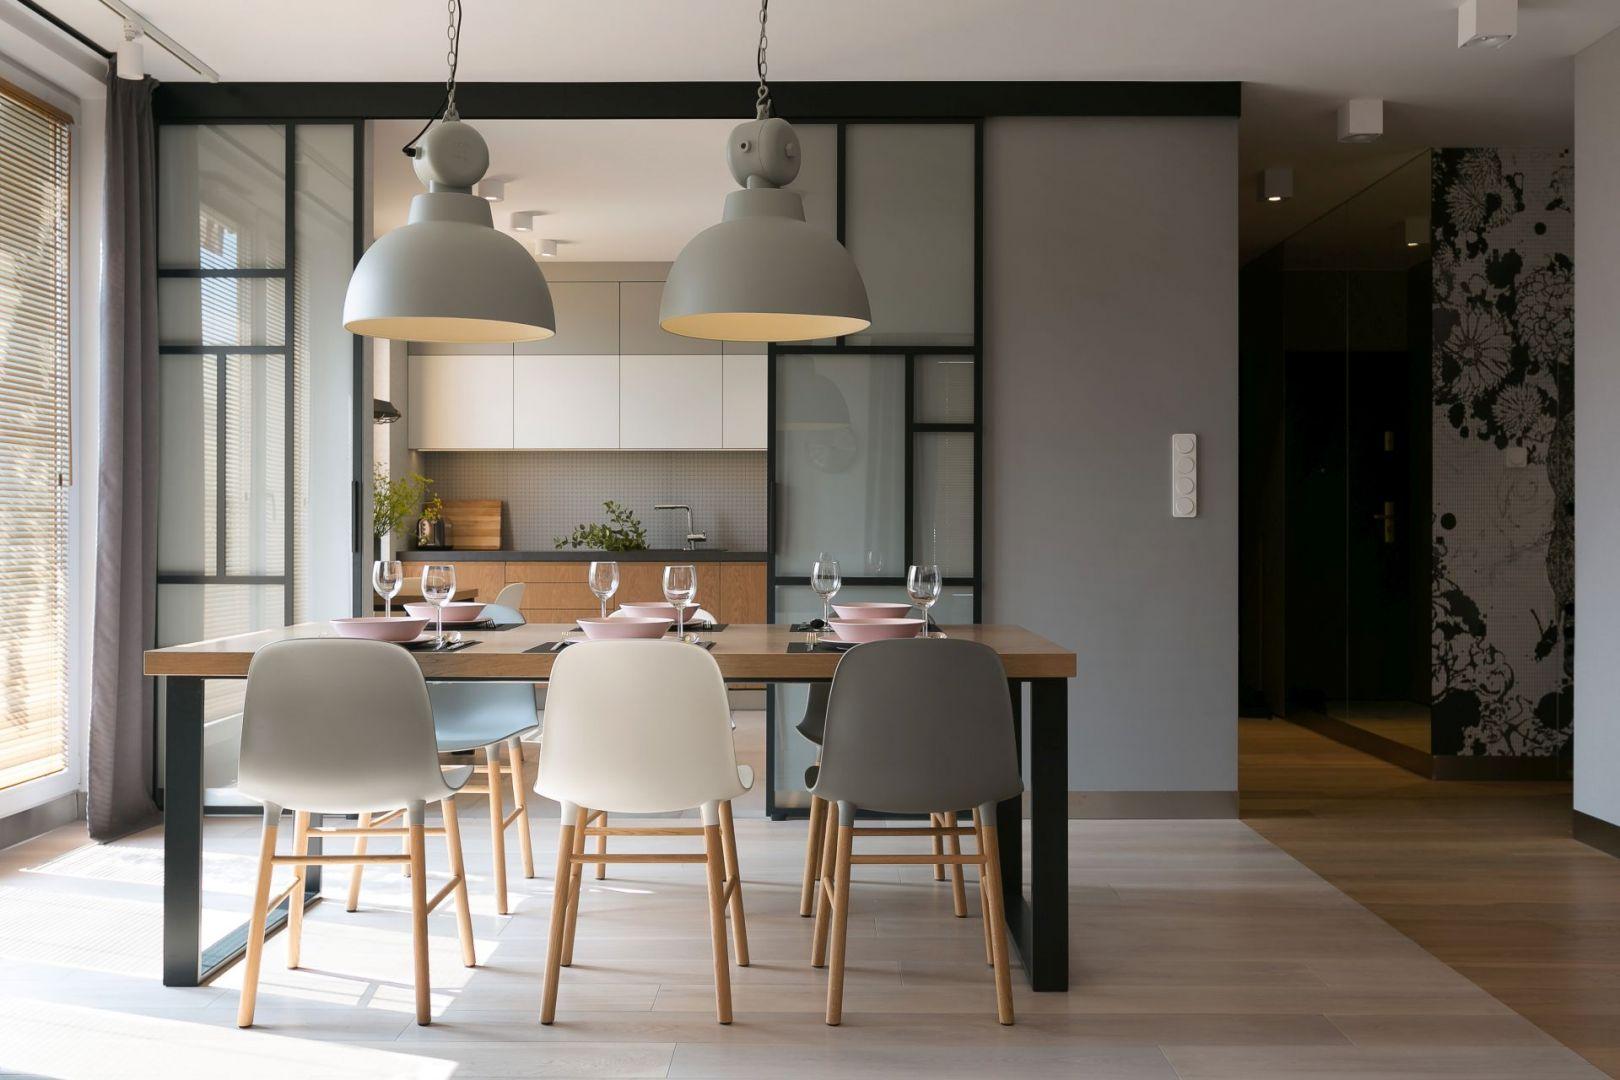 Jasną kuchnię można w razie potrzeby szybko oddzielić od części dziennej przesuwnymi szklanym drzwiami. Projekt wnętrza: MIKOŁAJSKAstudio. Zdjęcia: Jakub Dziedzic (Wnętrza Kraków)